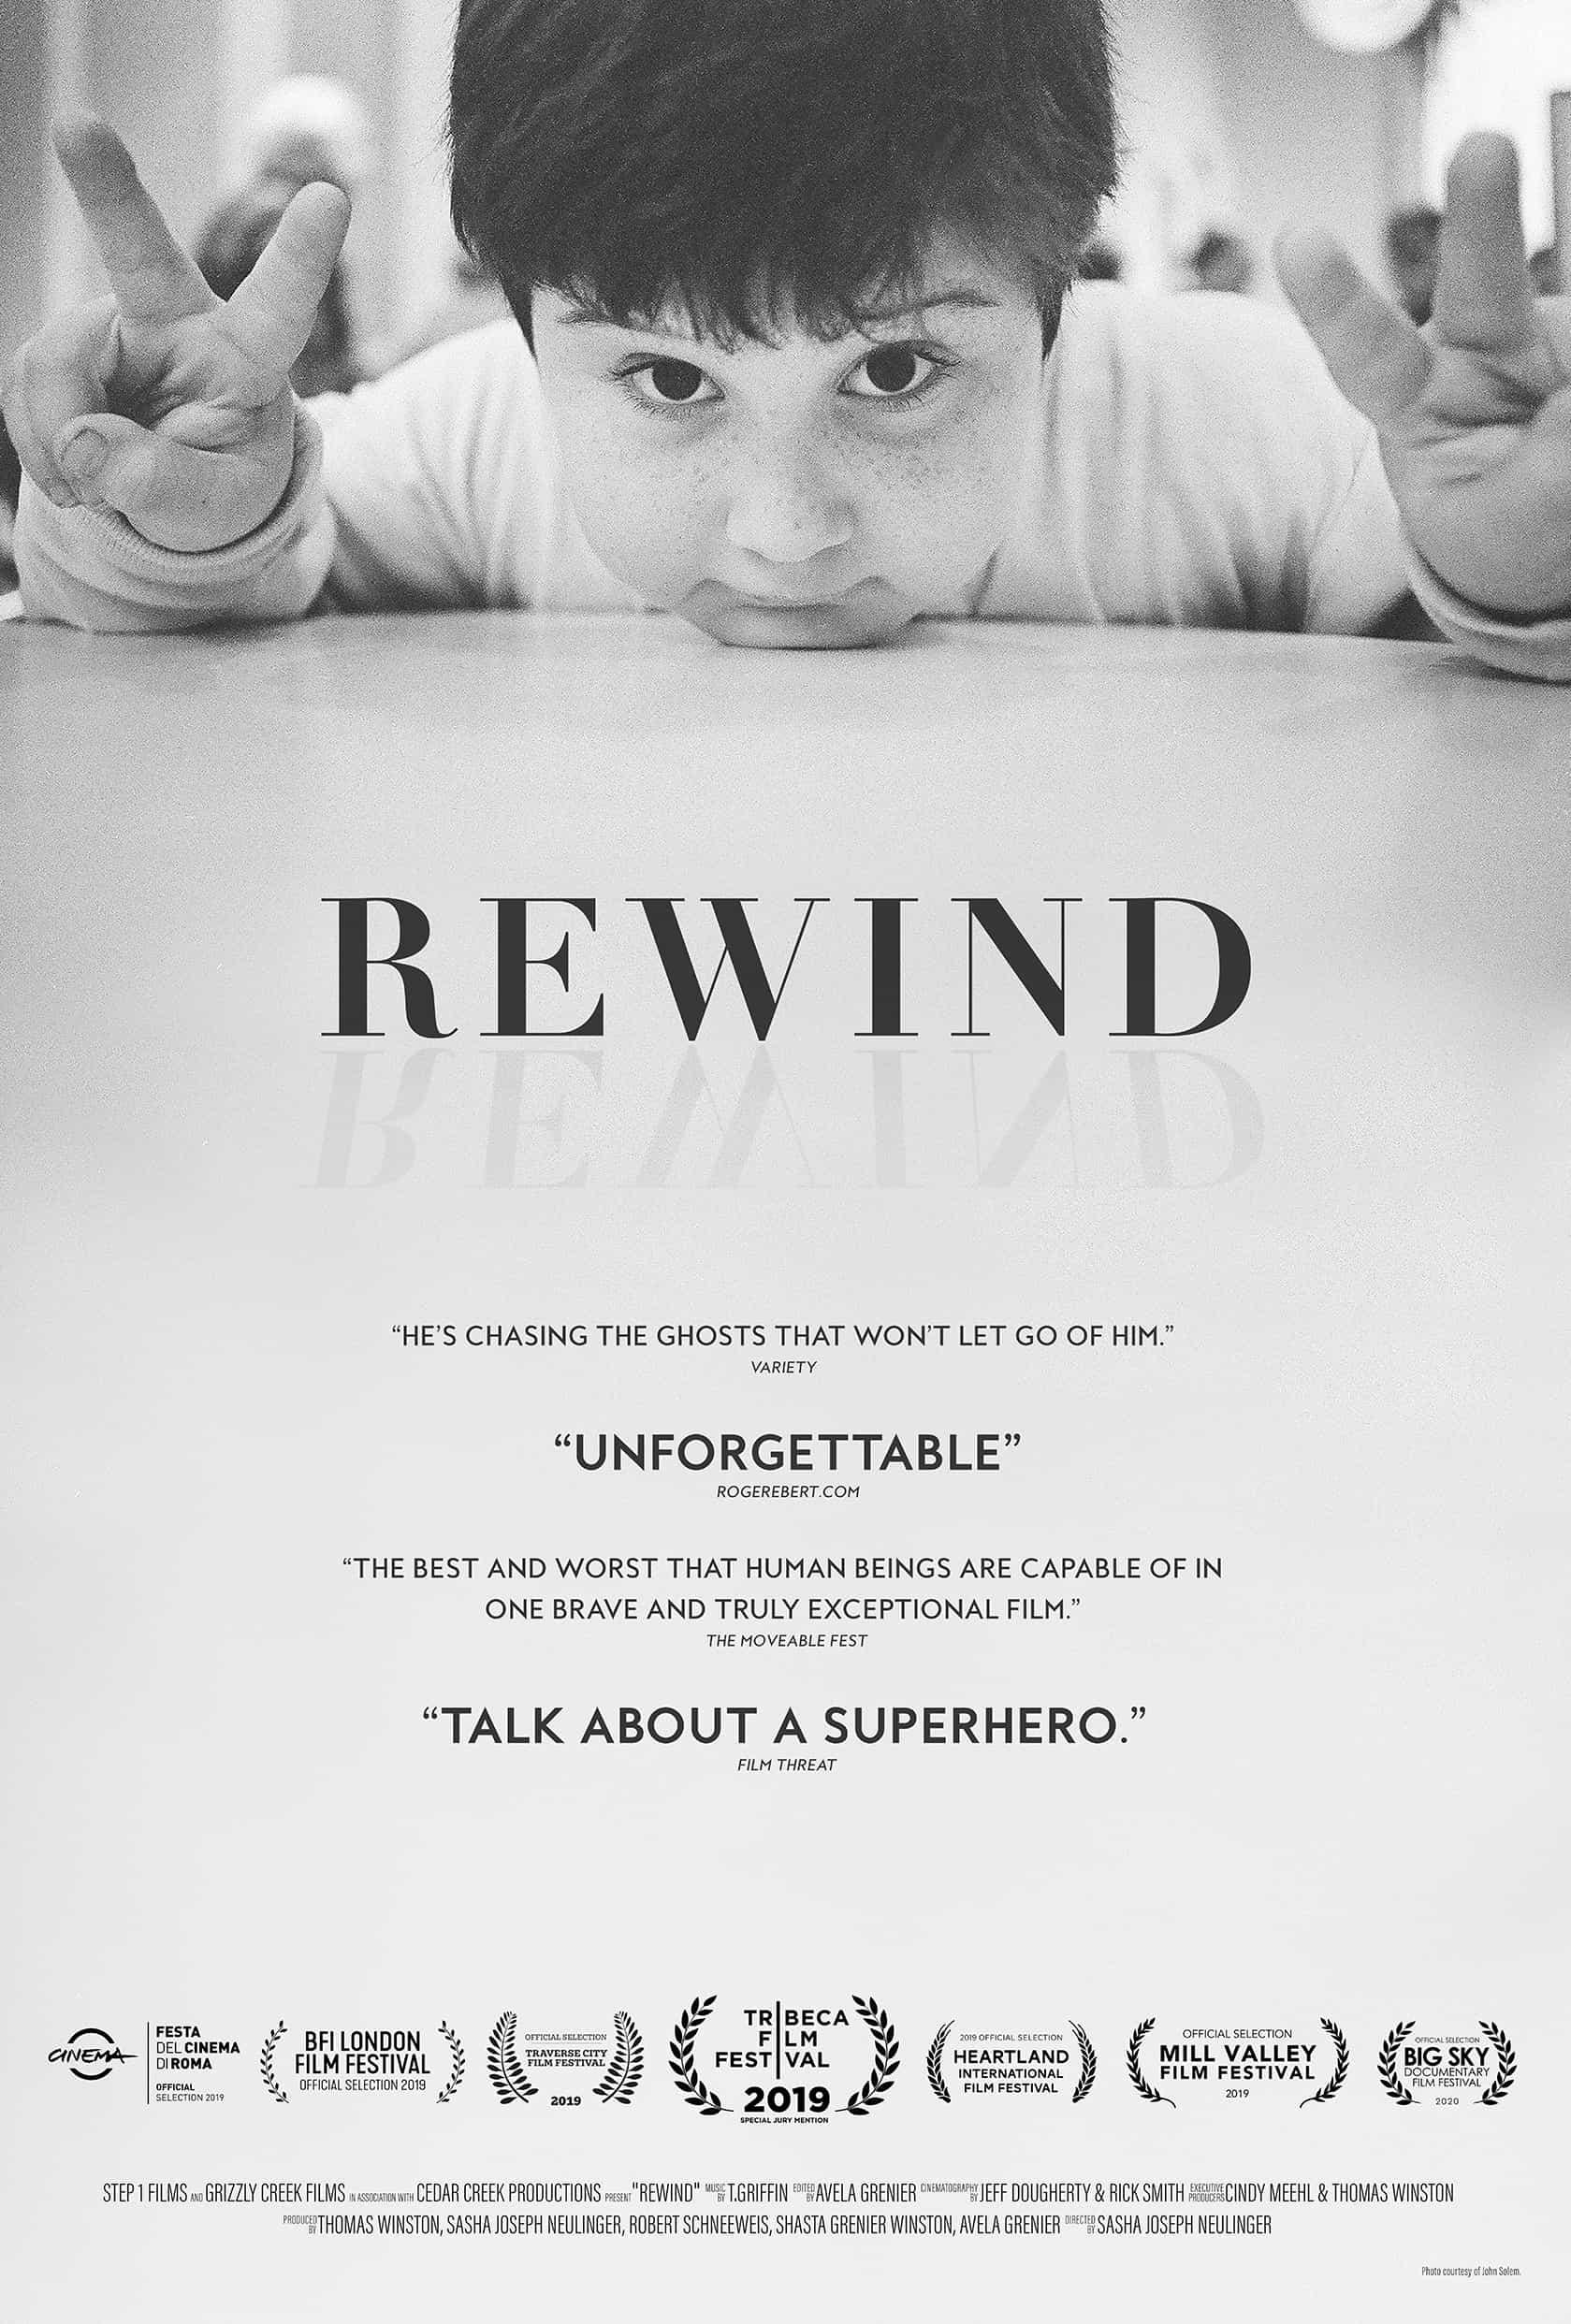 Rewind Digital movie poster